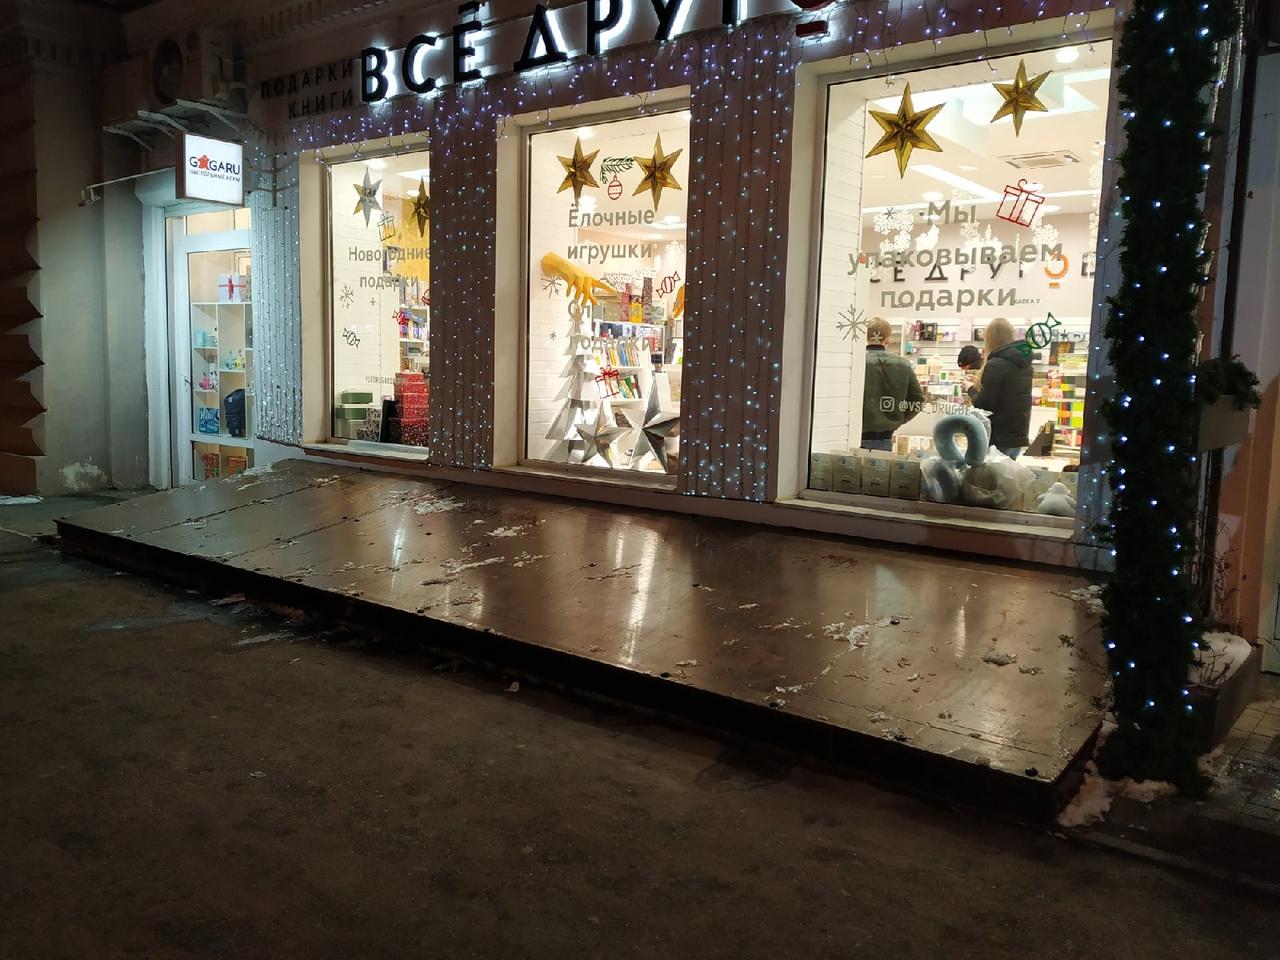 Монтаж праздничного убранства в Самаре завершат к 15 декабря